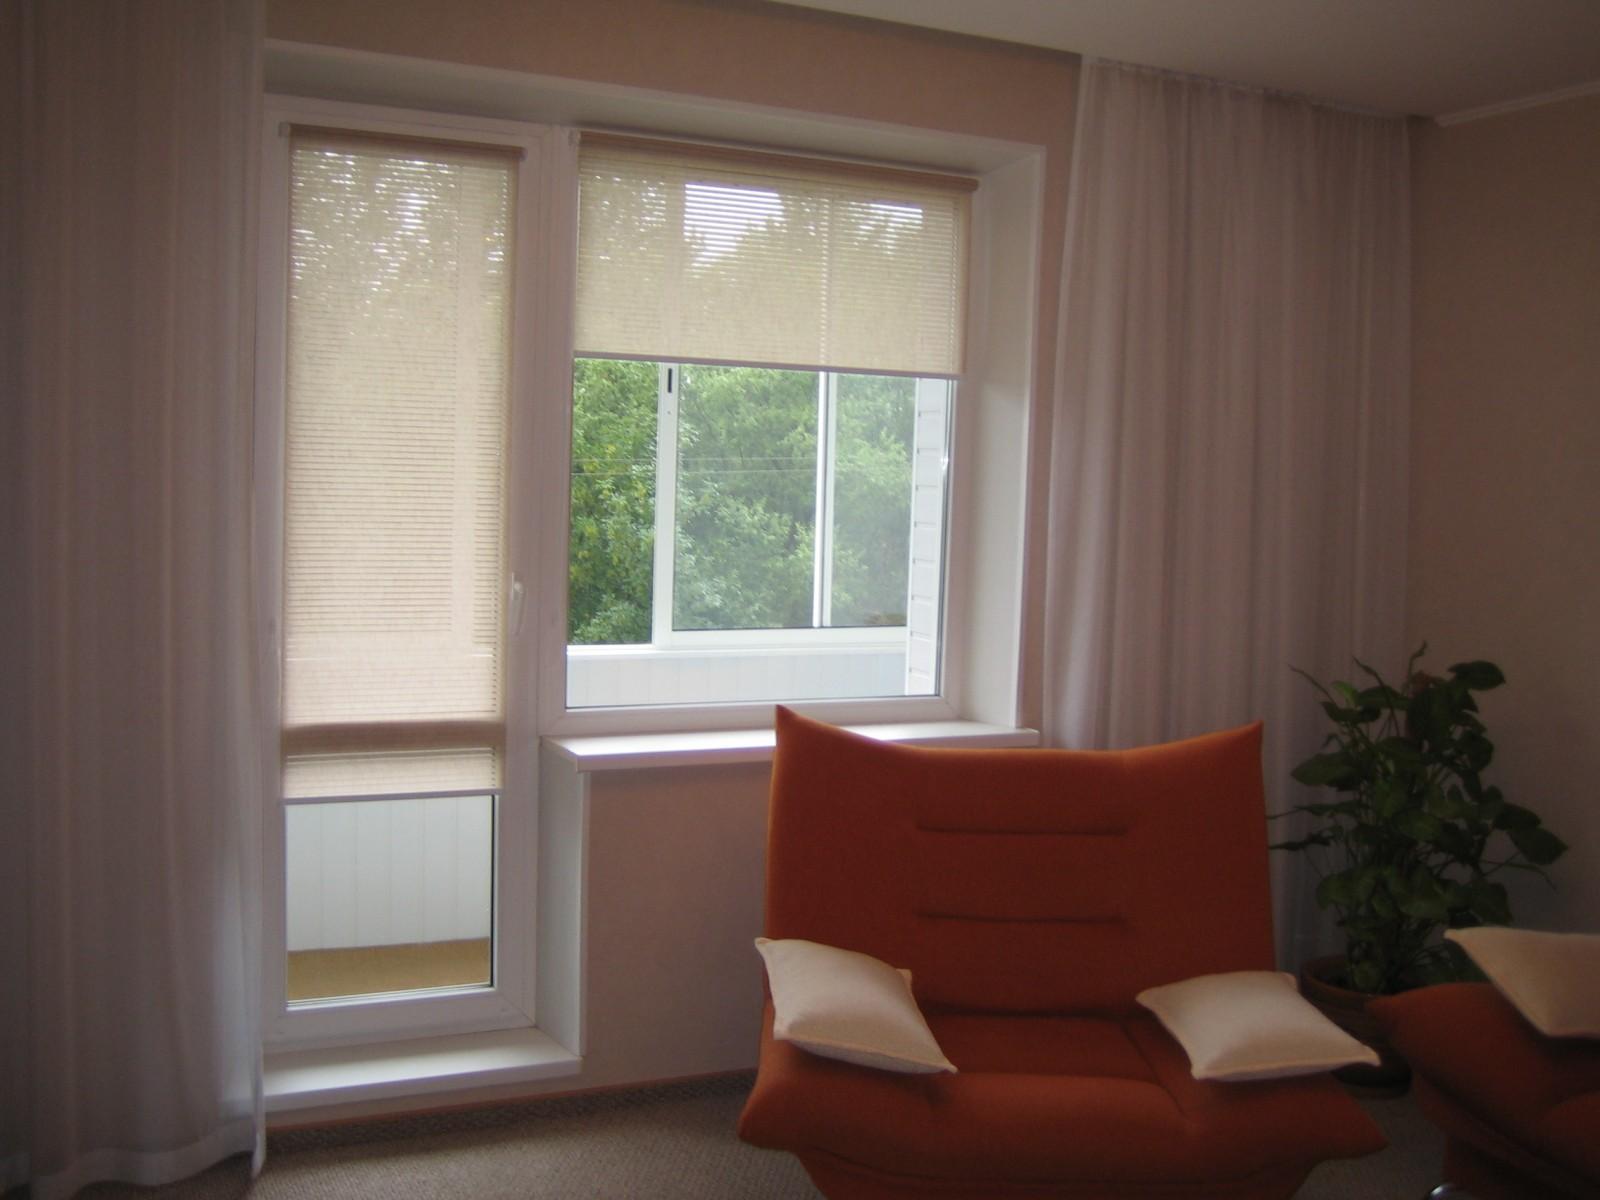 Главное требование, которому должны соответствовать шторы на окно с балконной дверью — удобство использования